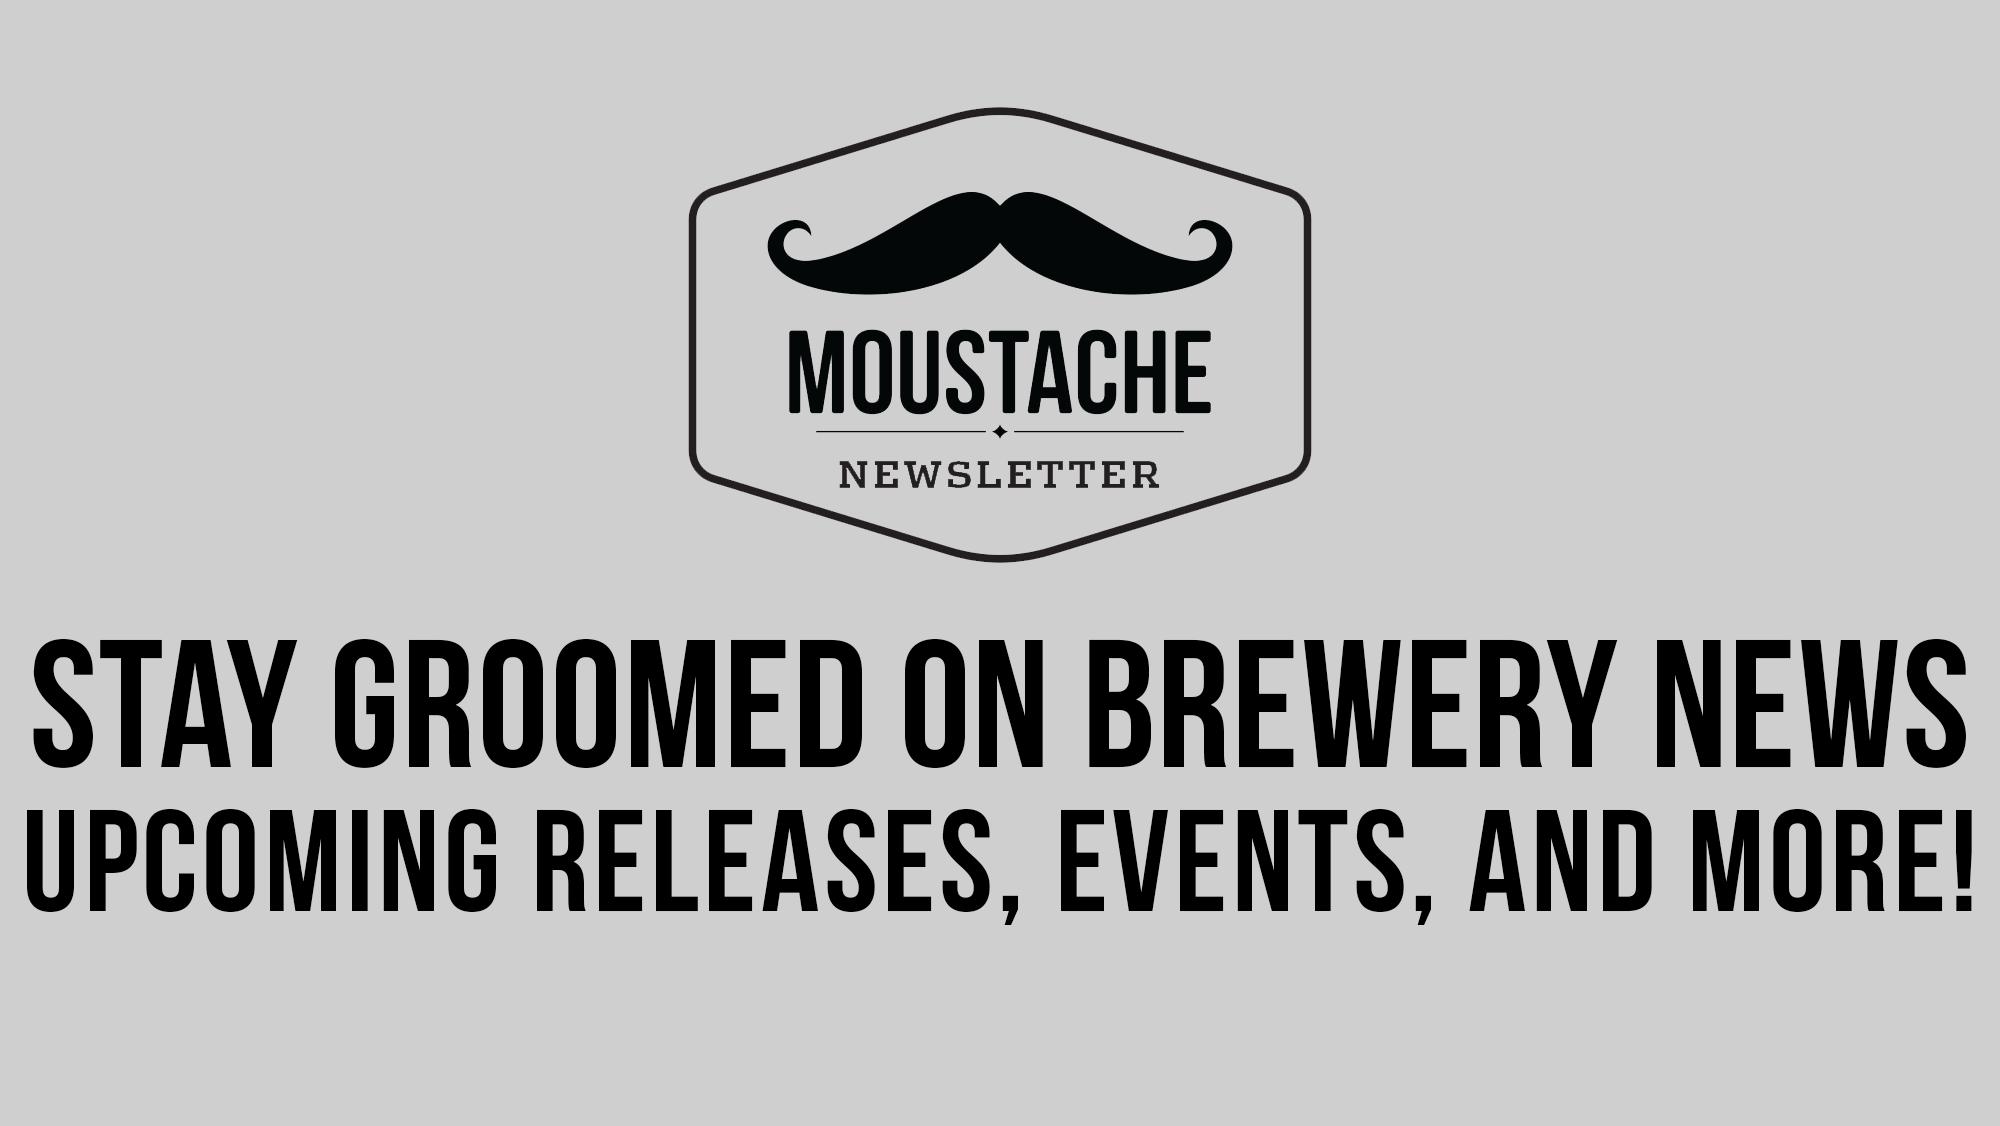 Moustache Newsletter